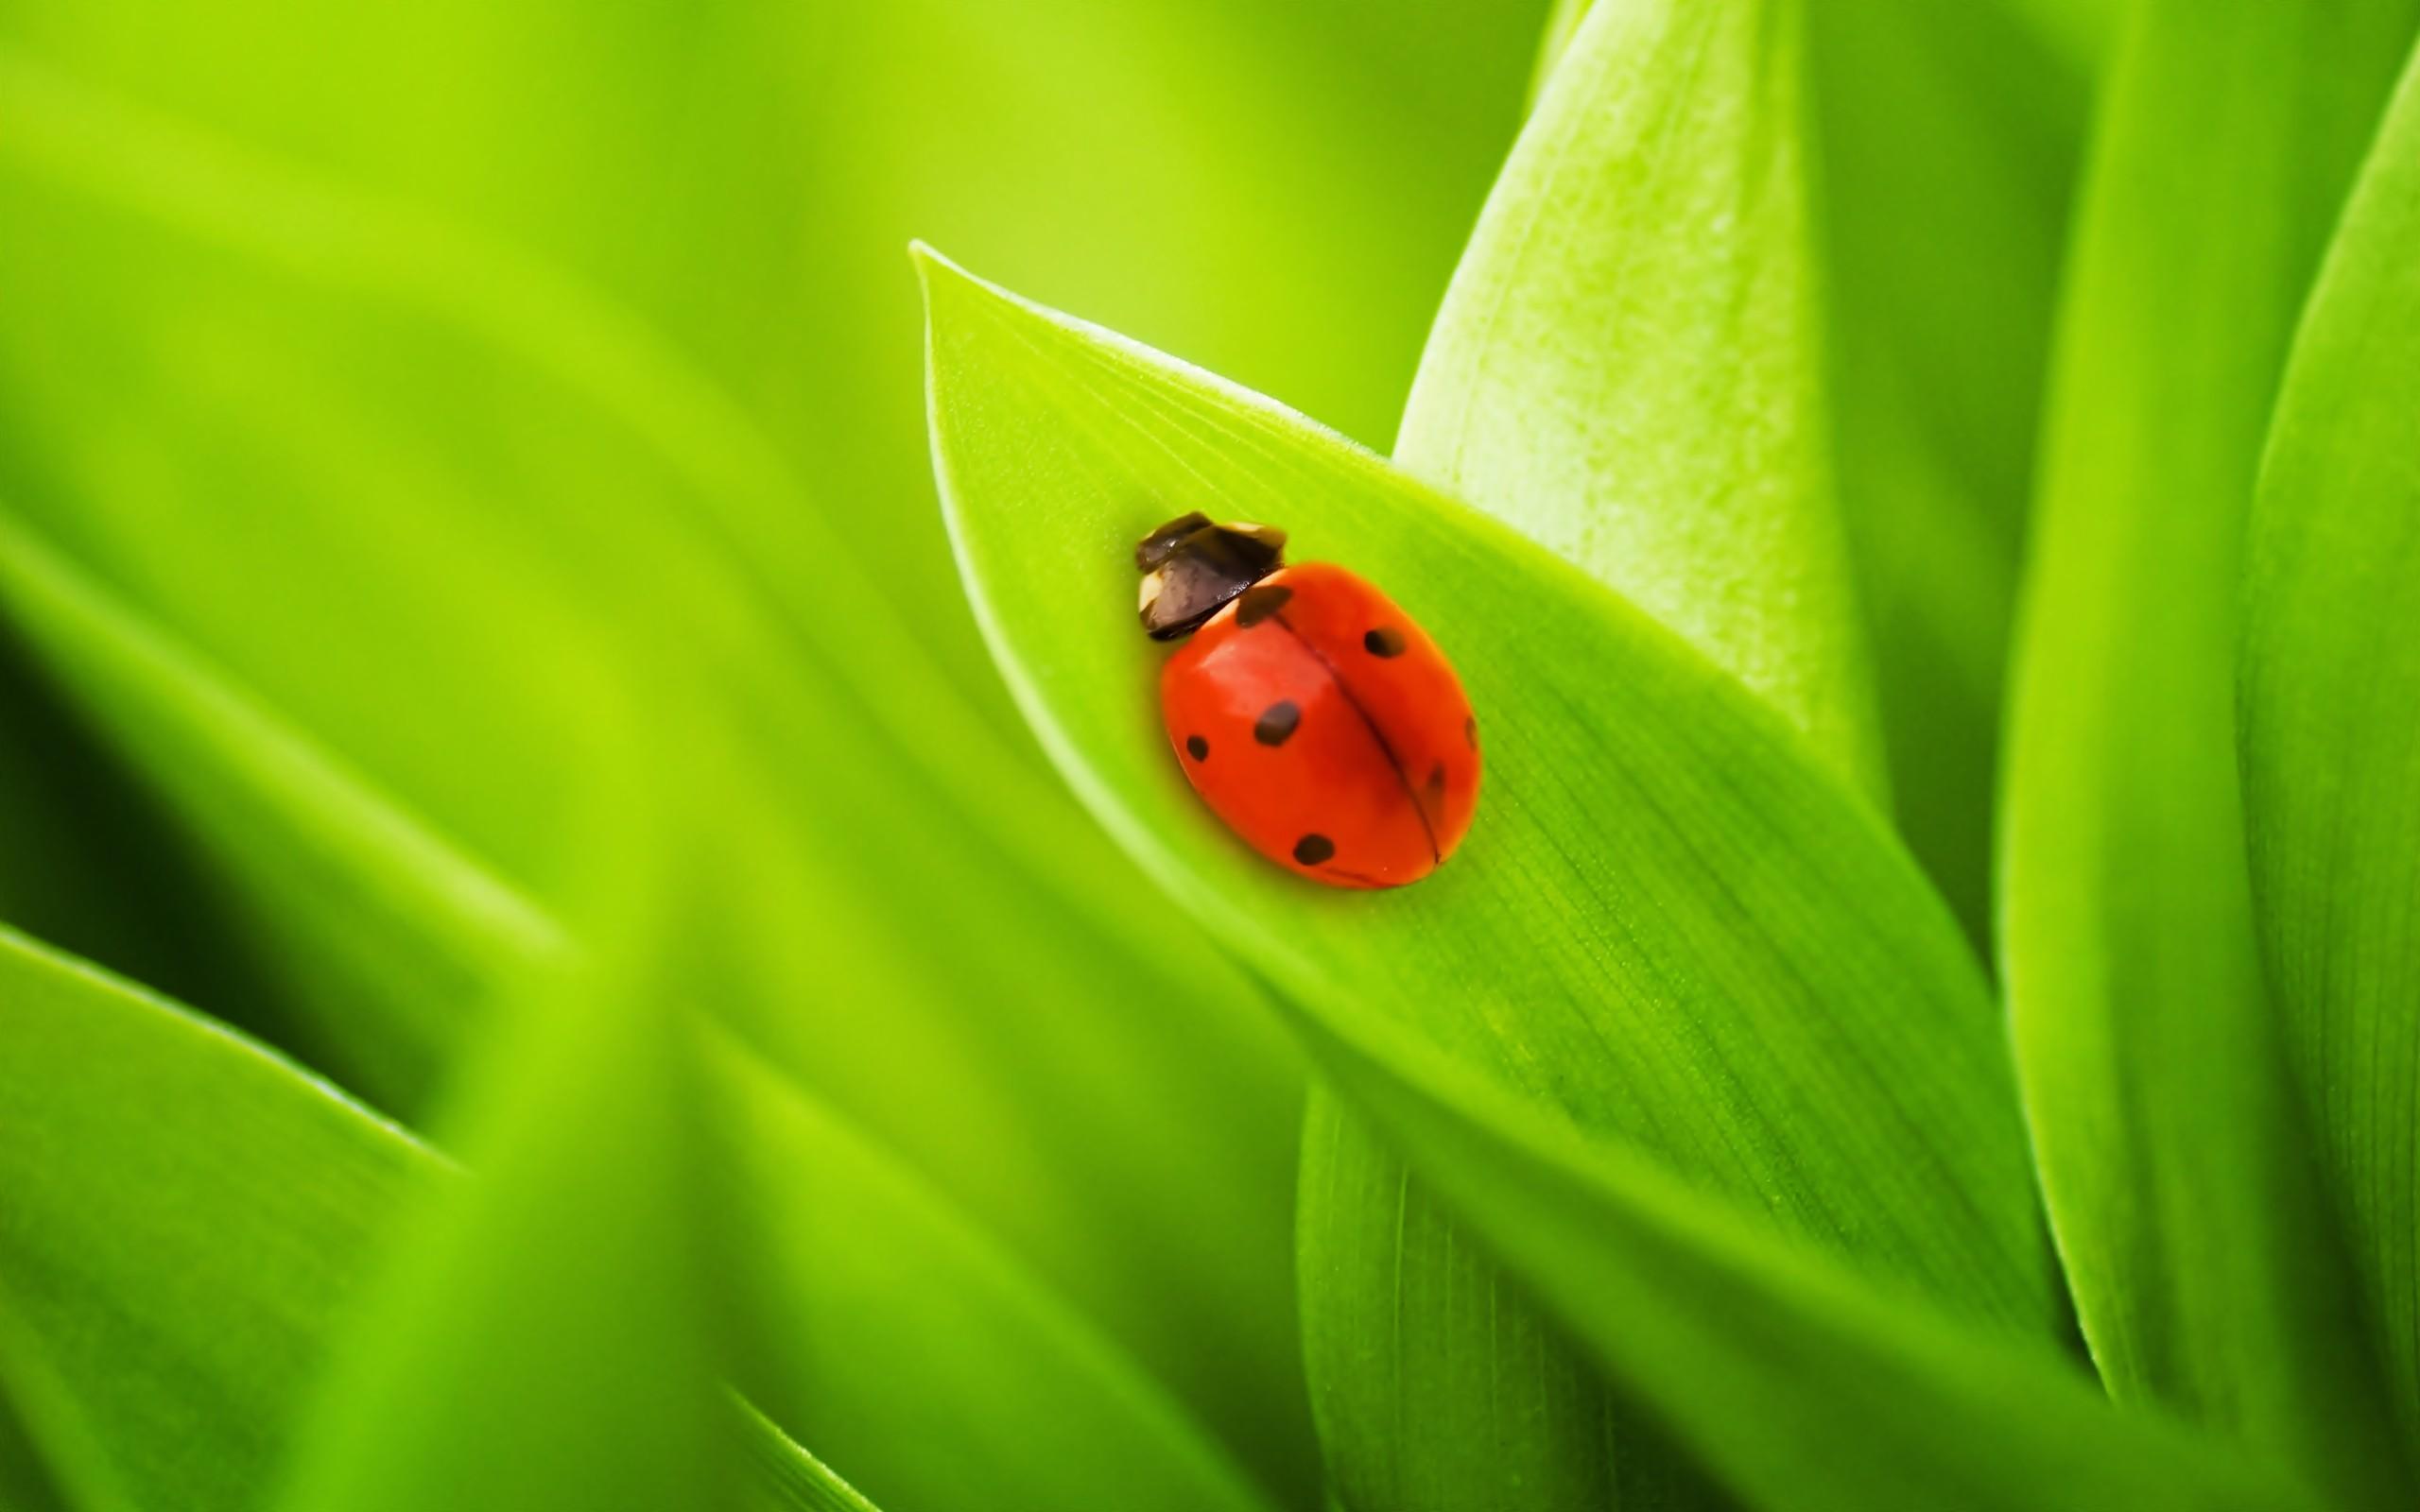 Ảnh thiên nhiên côn trùng đẹp